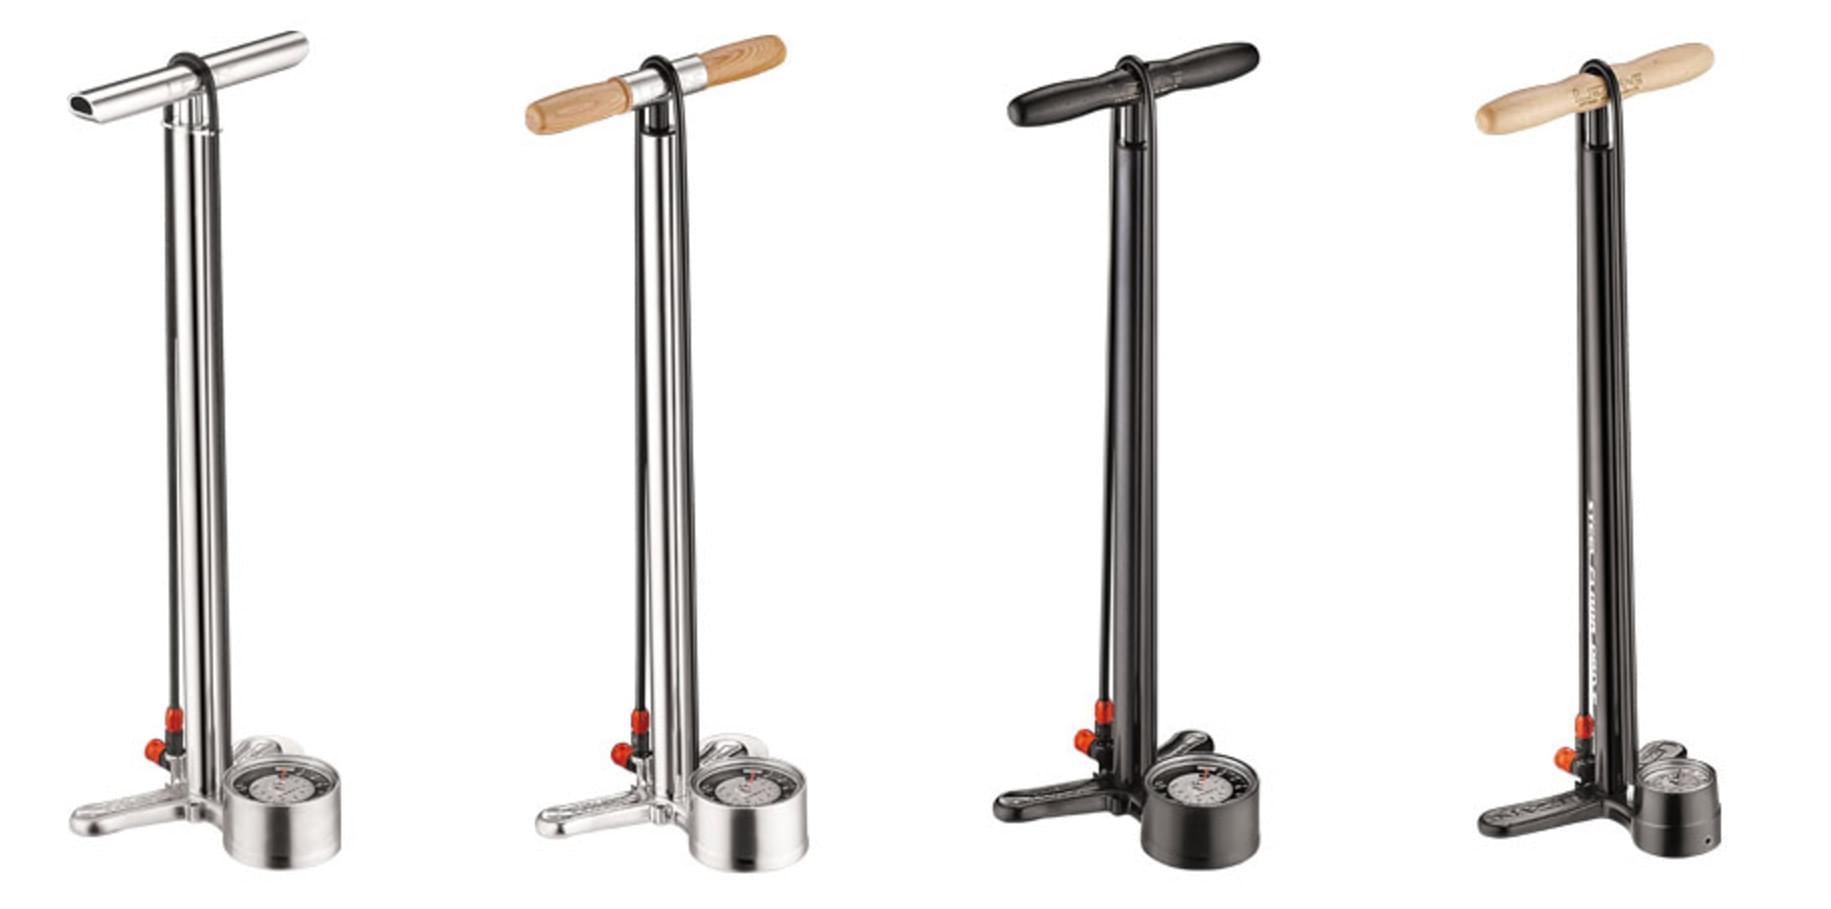 f98c8973a8 Předností nožní pumpy je snadné a extrémně rychlé nahuštění na velký tlak.  Pokud na kole jezdíte často